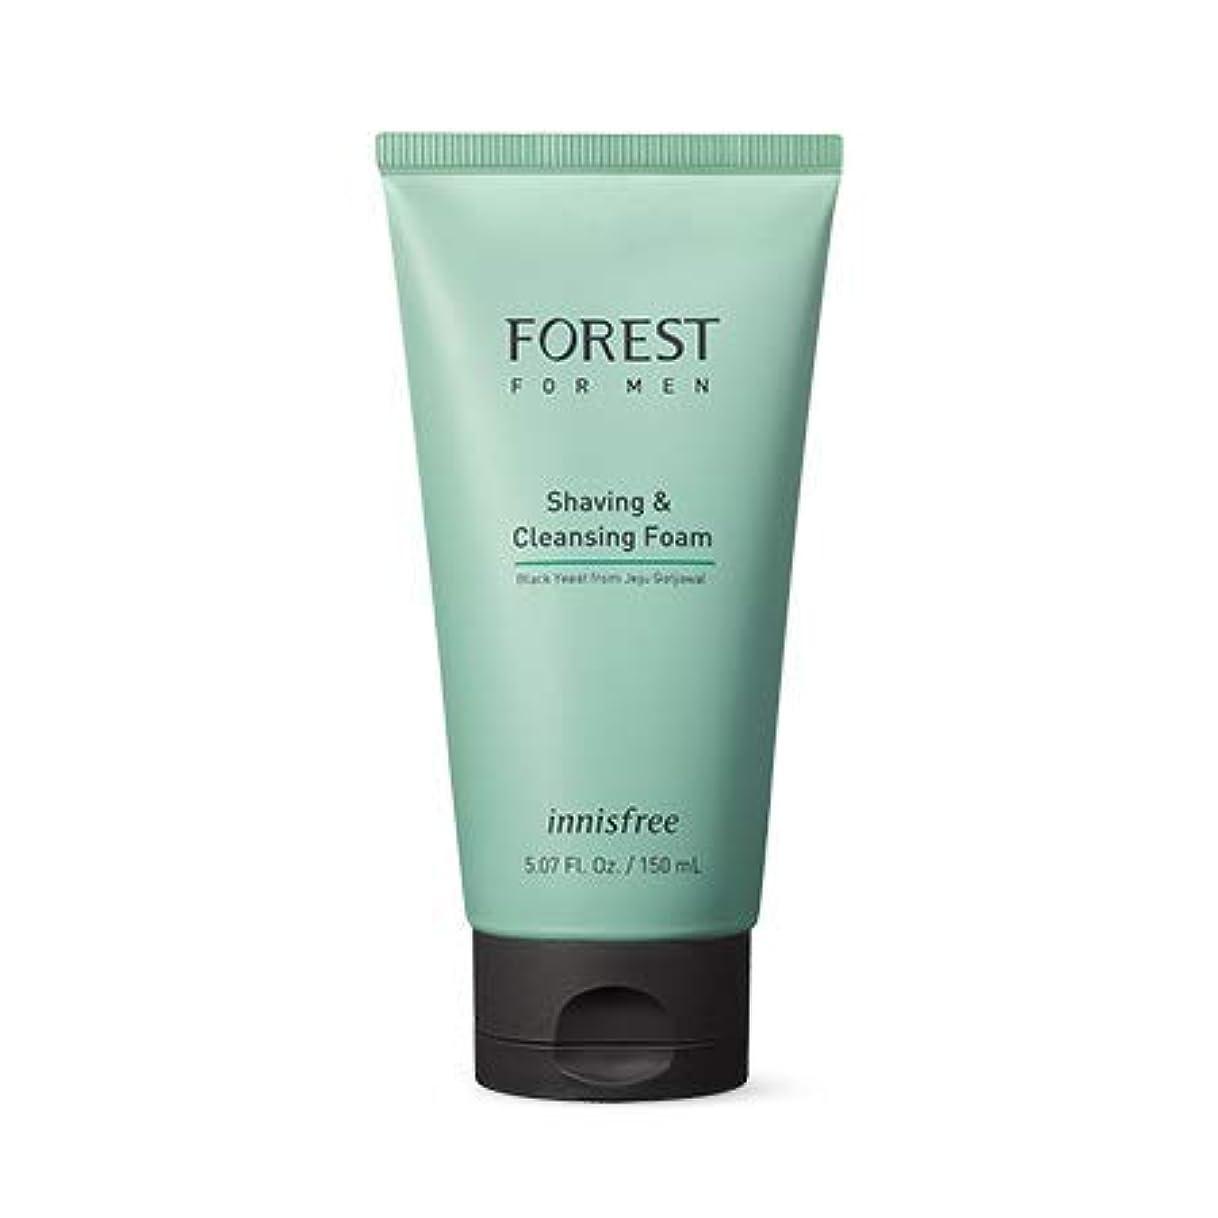 メッシュ巻き取り歩道[イニスフリー.innisfree]フォレストフォアマンシェービング&クレンジングフォーム150mL(2019.05新製品)/ Forest for Men Shaving&Cleansing Foam